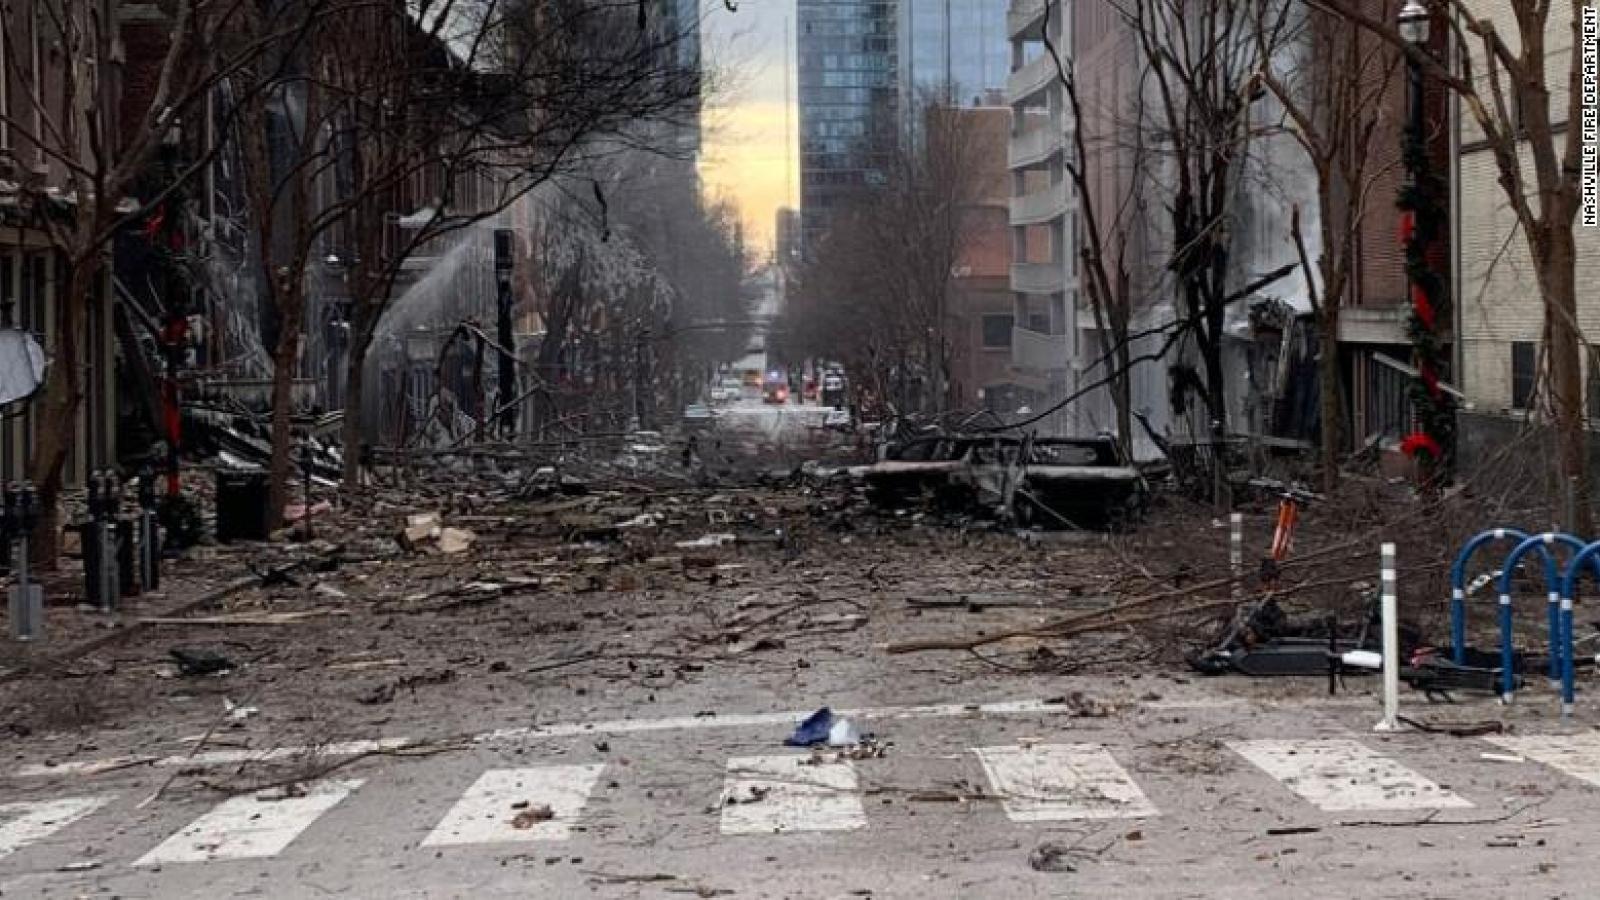 Vụ nổ ở Nashille bị nghi là đánh bom tự sát